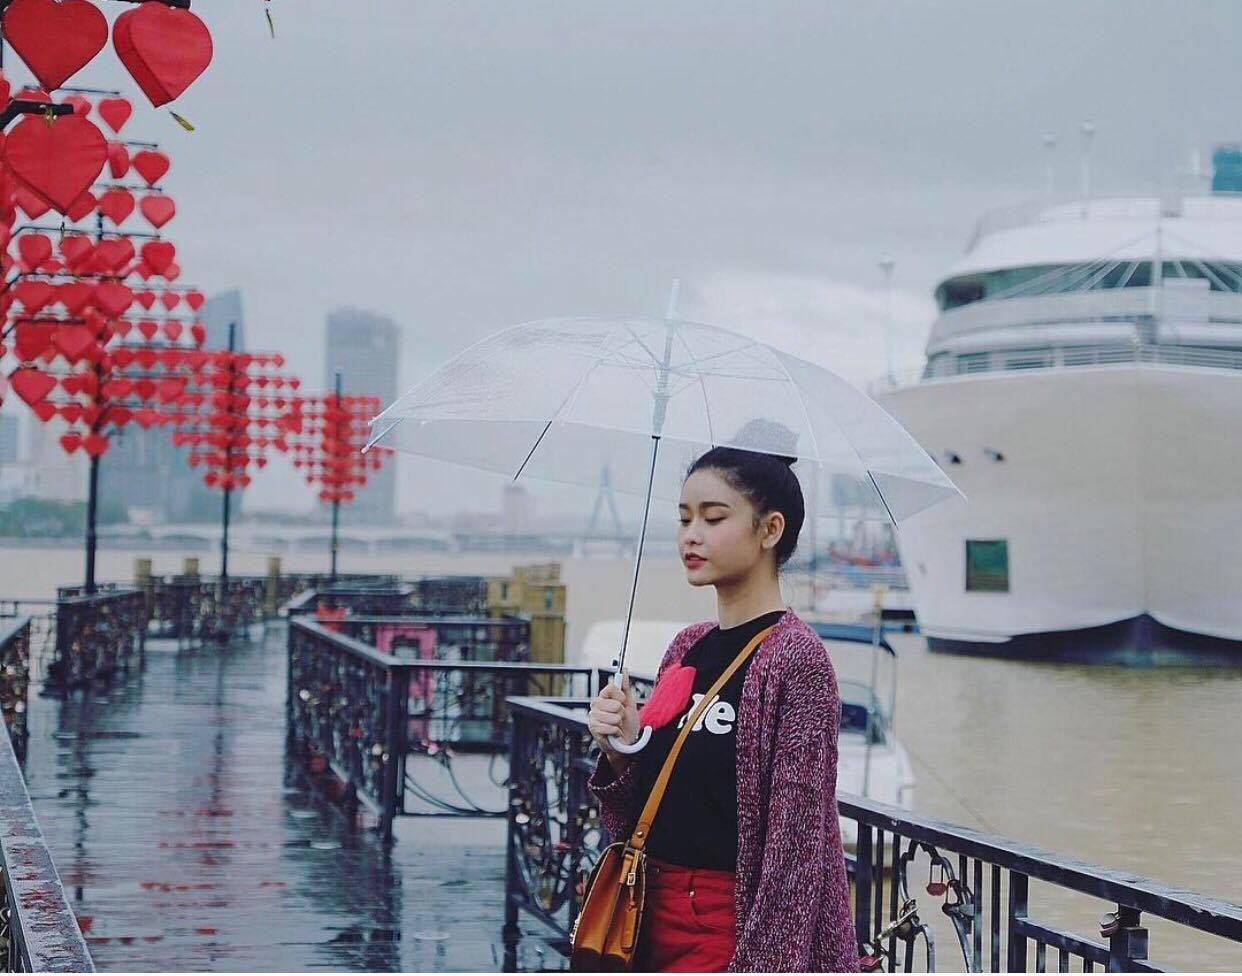 Mẹ chồng Thanh Hằng diện đồ menswear - con dâu Lan Khuê cá tính nổi bật nhất street style-7